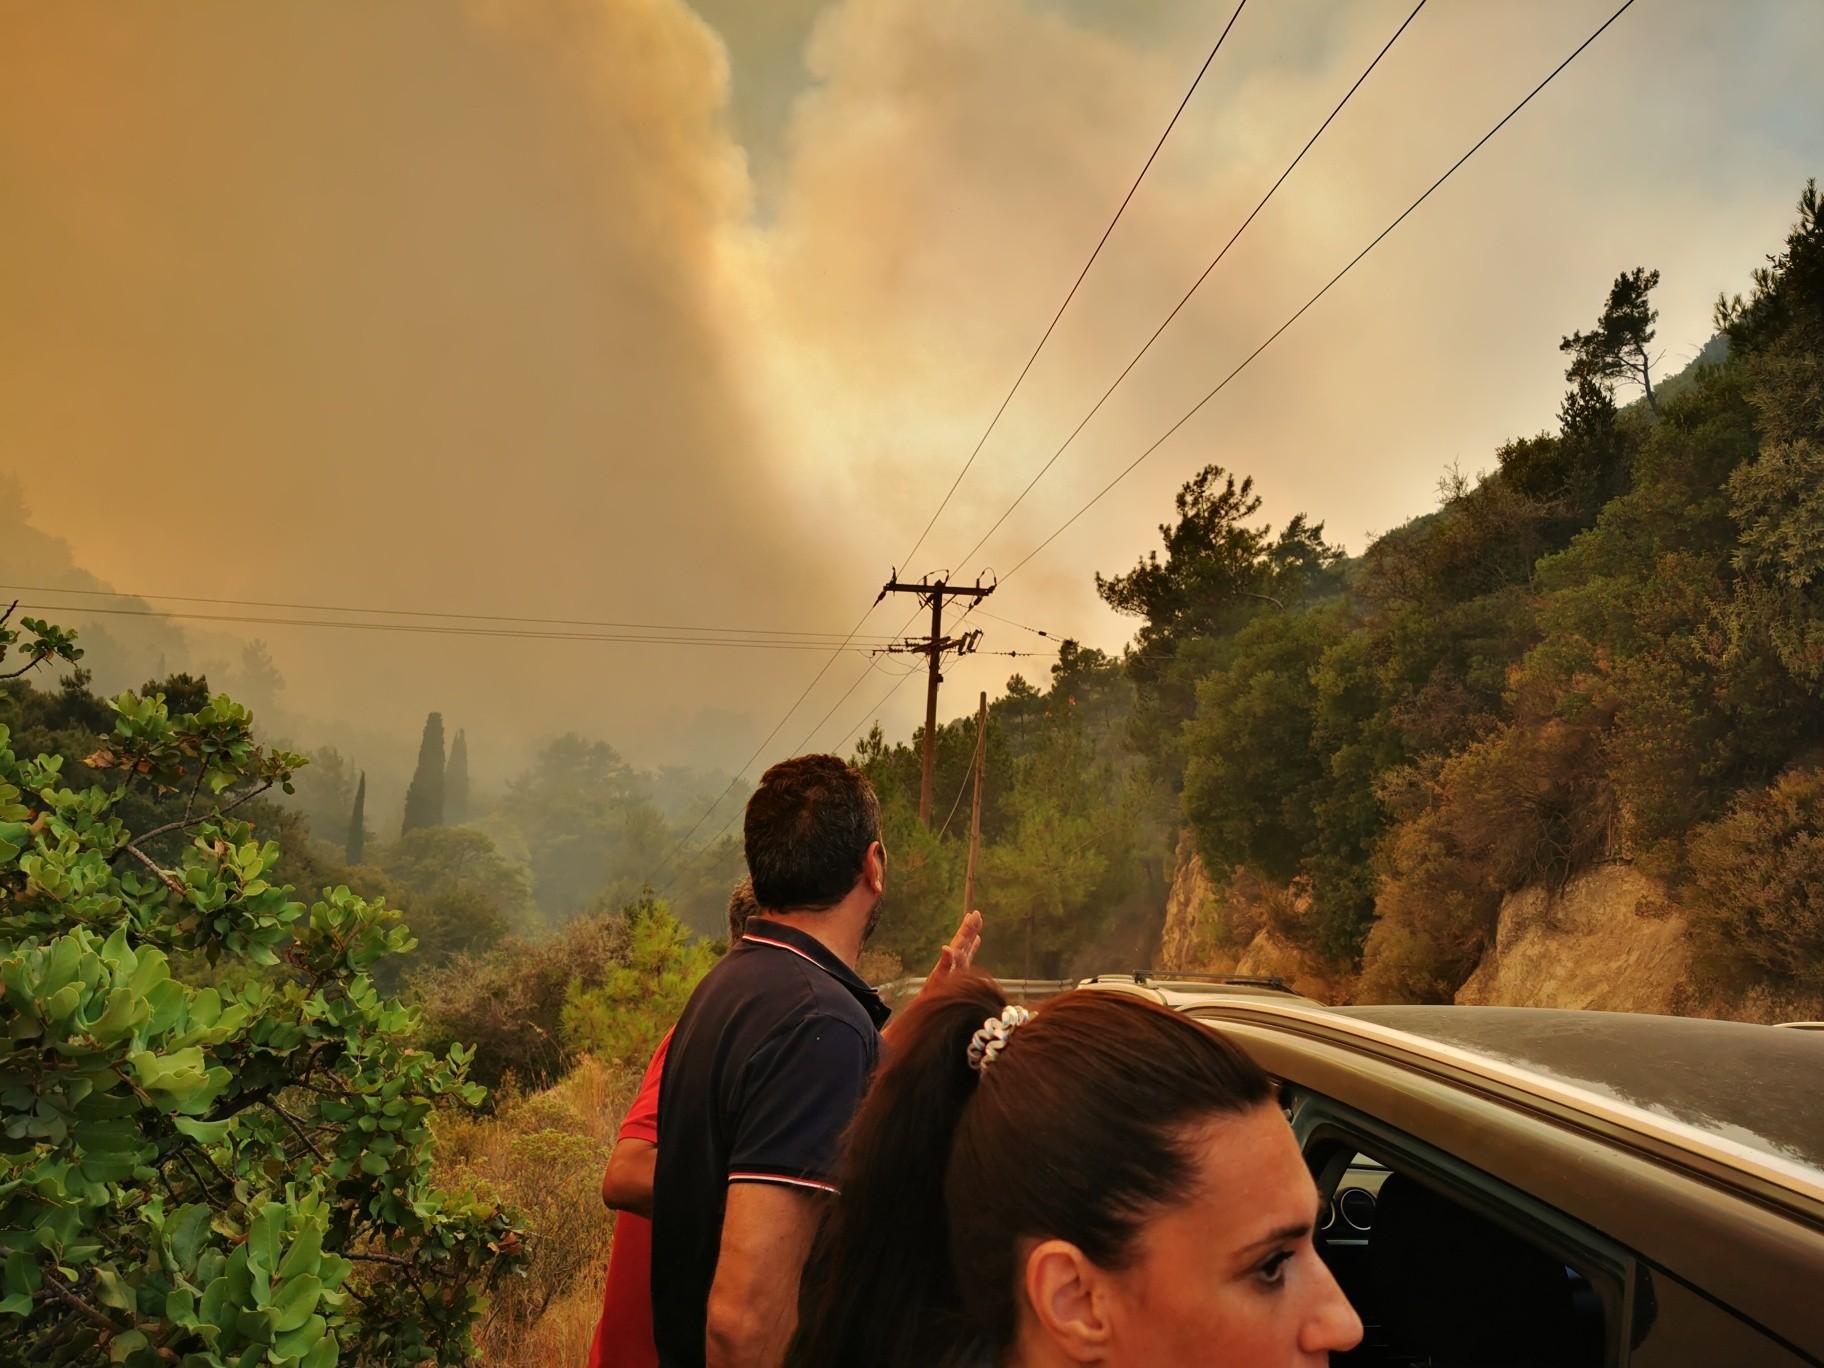 Σάμος: Μαίνεται η πυρκαγιά στους Βουρλιώτες - Προληπτική εκκένωση δύο ξενοδοχείων (Φώτο)